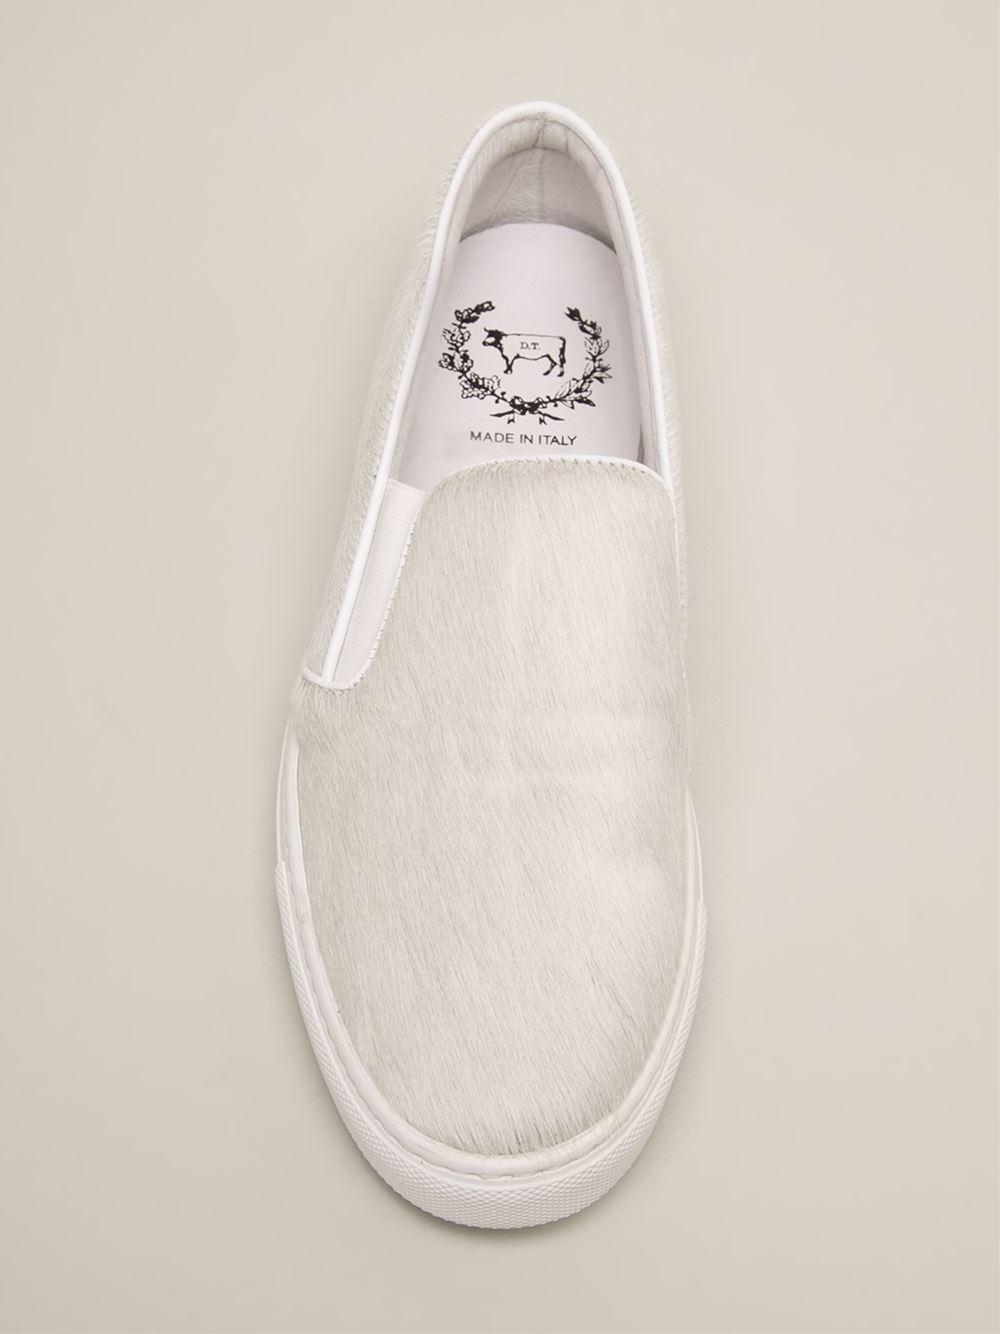 Del Toro Slip On Sneaker in White